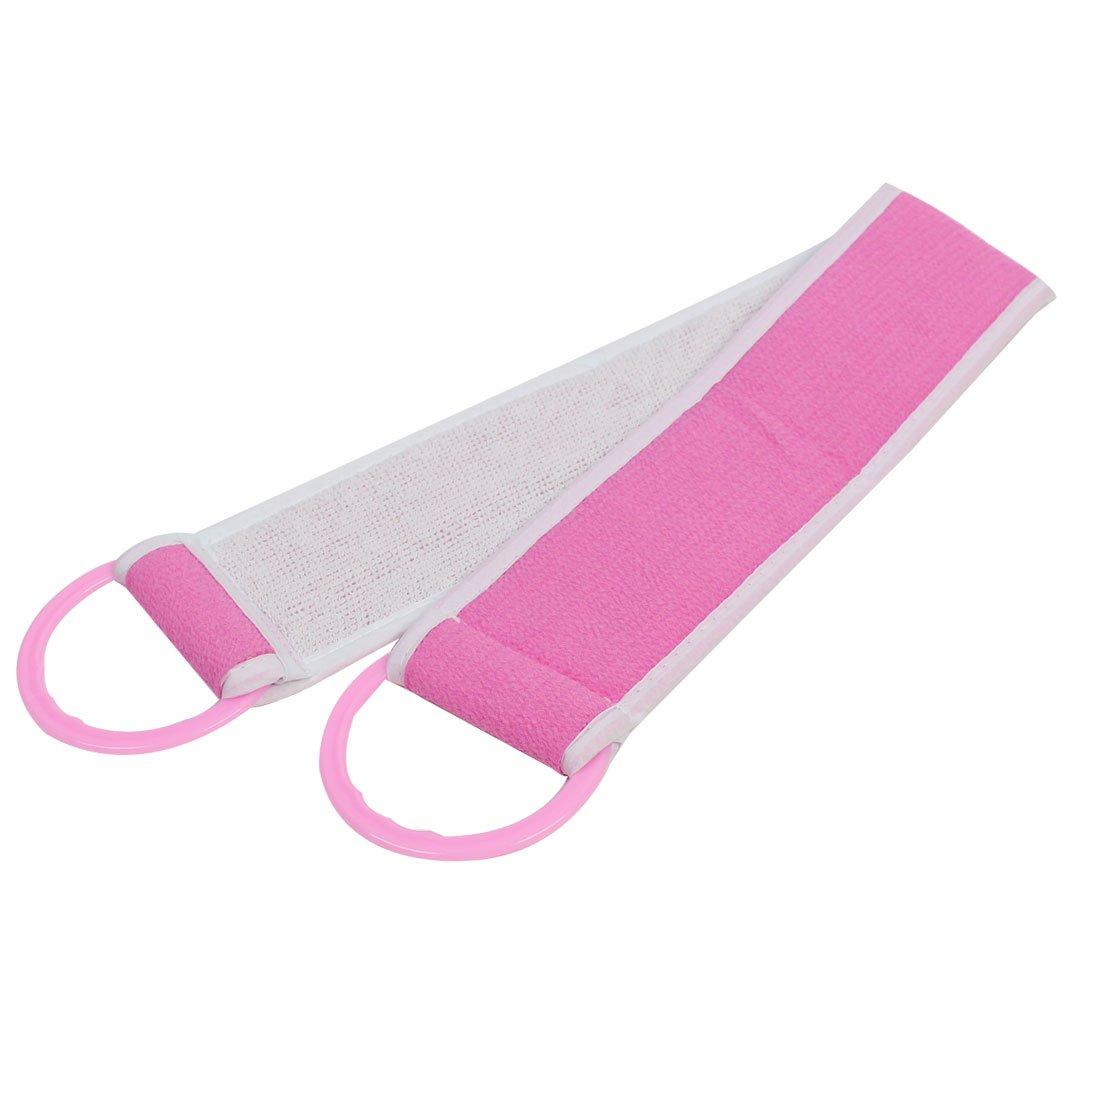 sourcingmap® Famiglia Bagno doccia Utensile Di Pulizia corpo Bagno Strofinare massaggio asciugamano rosa SYNCFHK006360